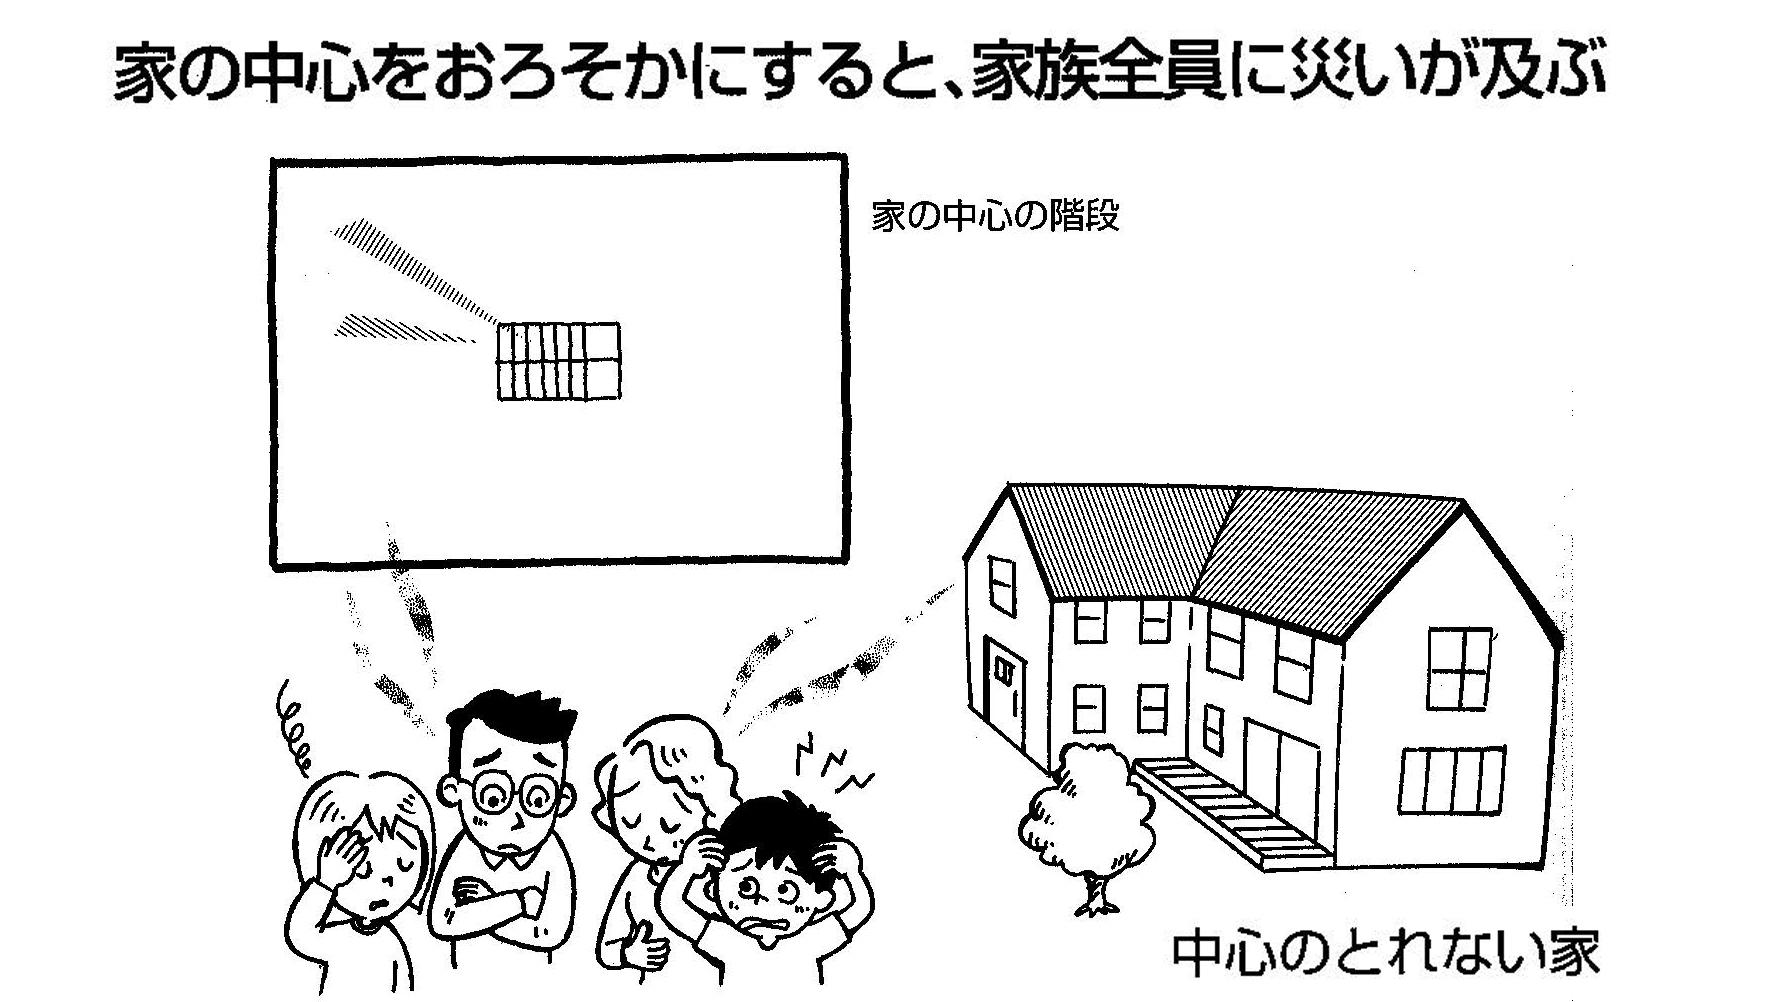 【実践できる家相建築の知恵―13】家の中心と玄関、汚水管の三つが家相建築のポイント。扱いを間違えると災いの種になるので注意。